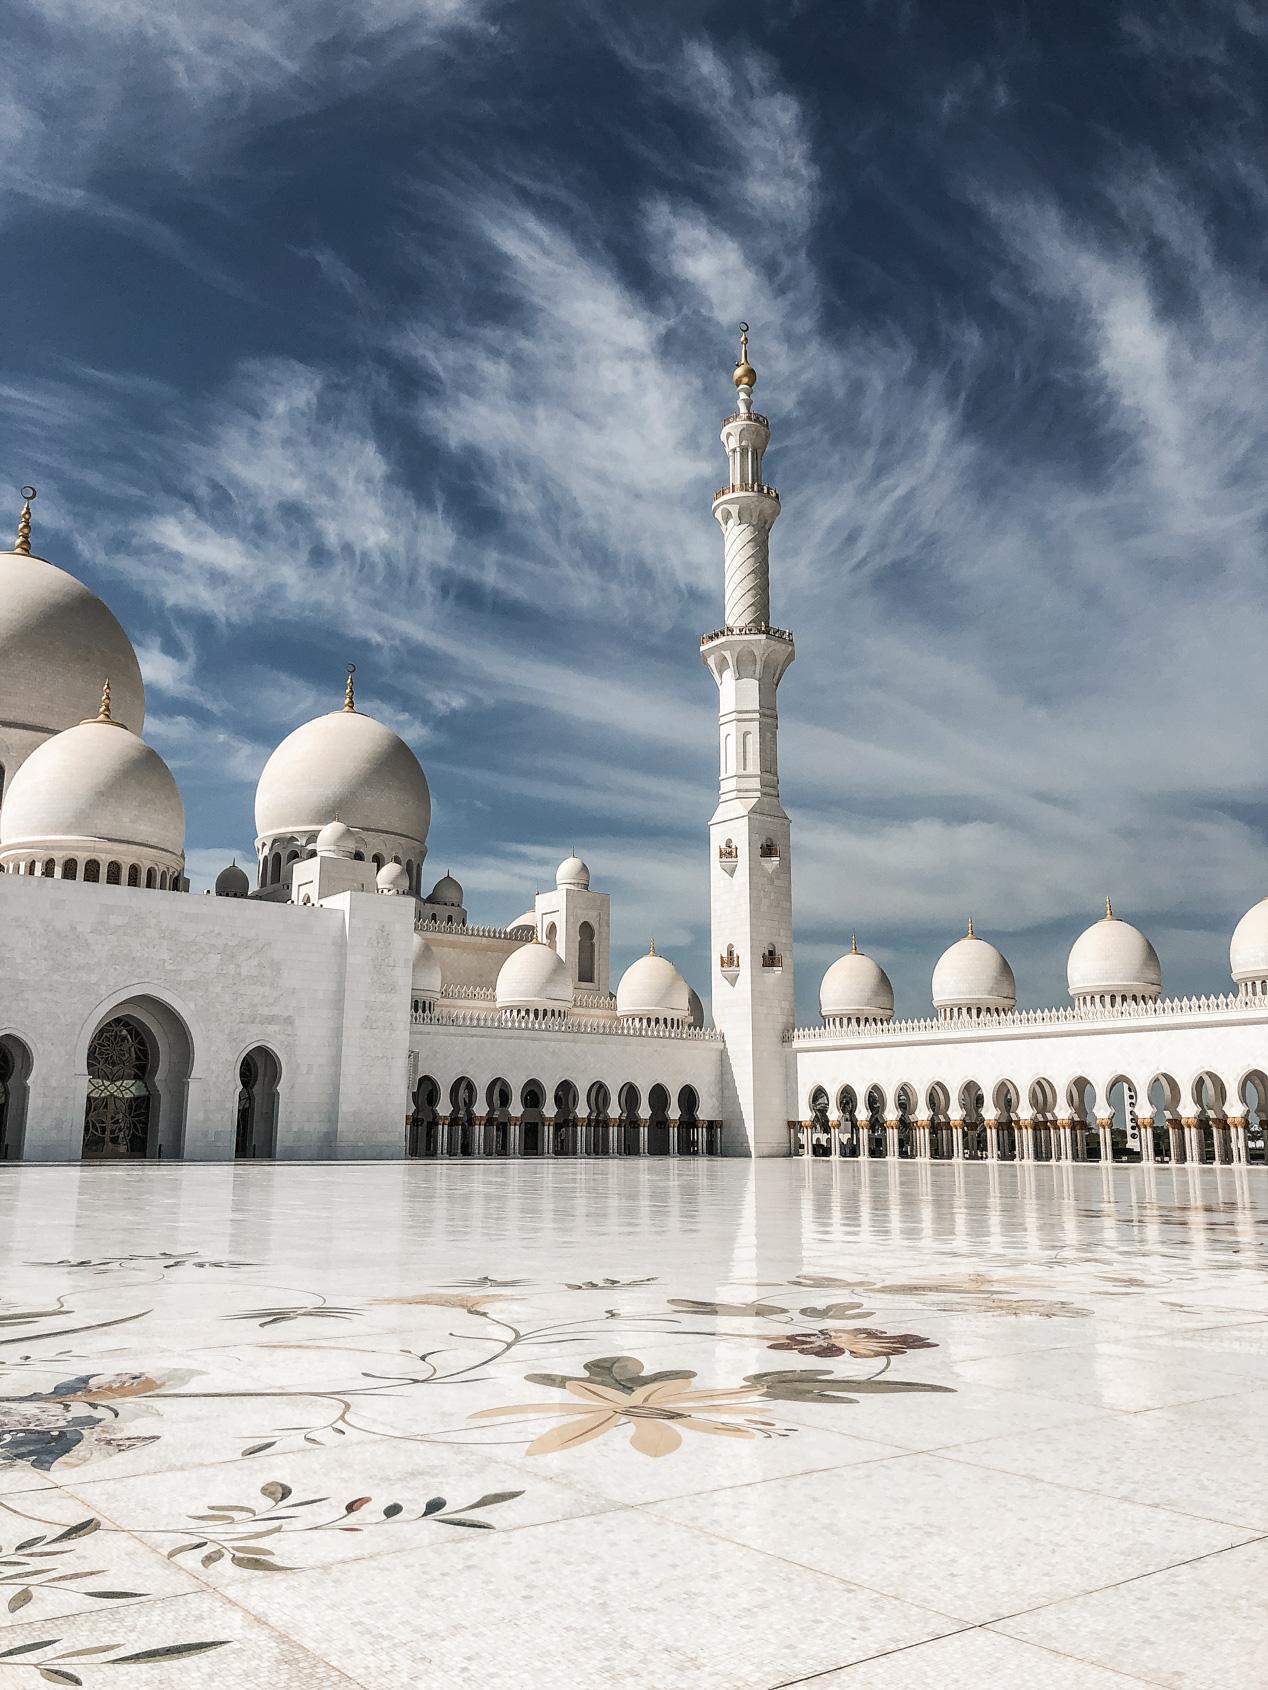 Travel, Abu Dhabi, Must see in Abu Dhabi, Dubai, Visit Abu Dhabi, Traveldiary, Reise nach Abu Dhabi, Was tun in Abu Dhabi, Travelblogger, www.lakatyfox.com, Scheich-Zayid-Moschee